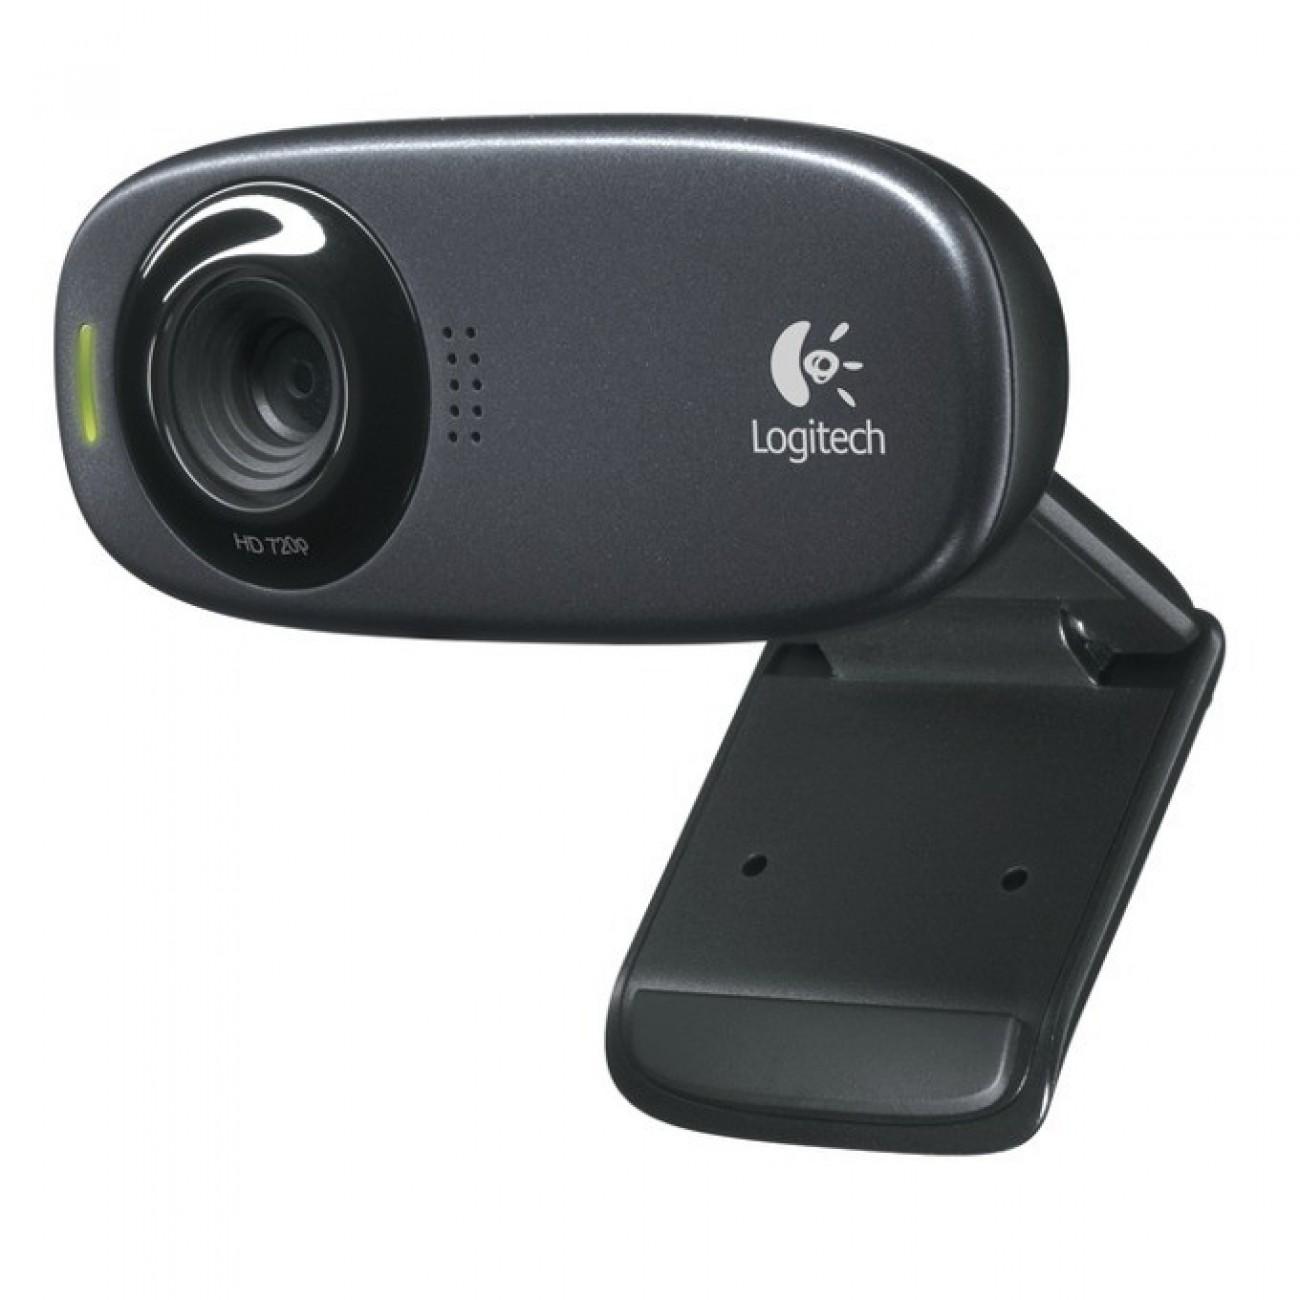 Уеб камера Logitech HD Webcam C310, микрофон, 5Mpix, USB в Уеб камери -  | Alleop